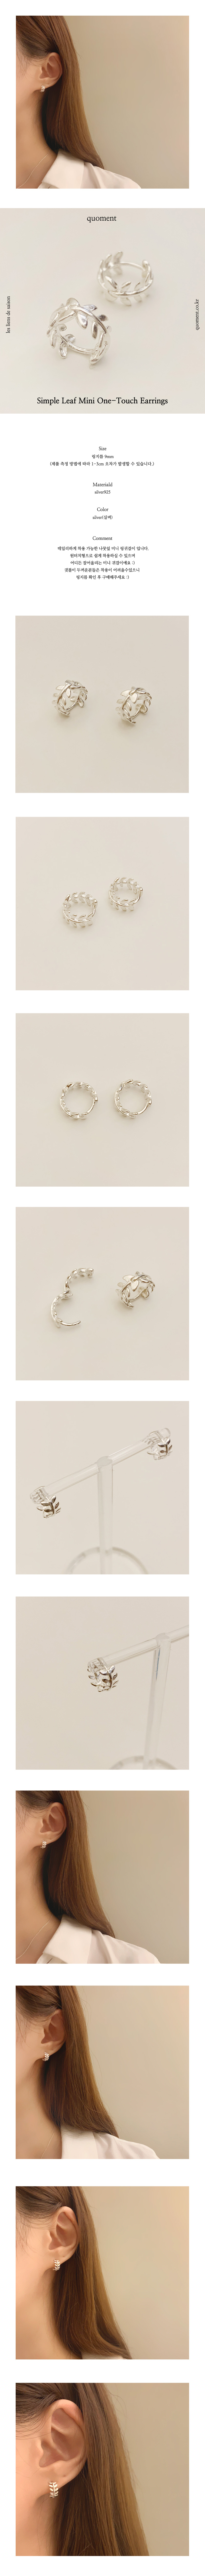 925실버 심플 나뭇잎 미니 원터치 링귀걸이 - 쿼먼트, 17,900원, 실버, 링귀걸이